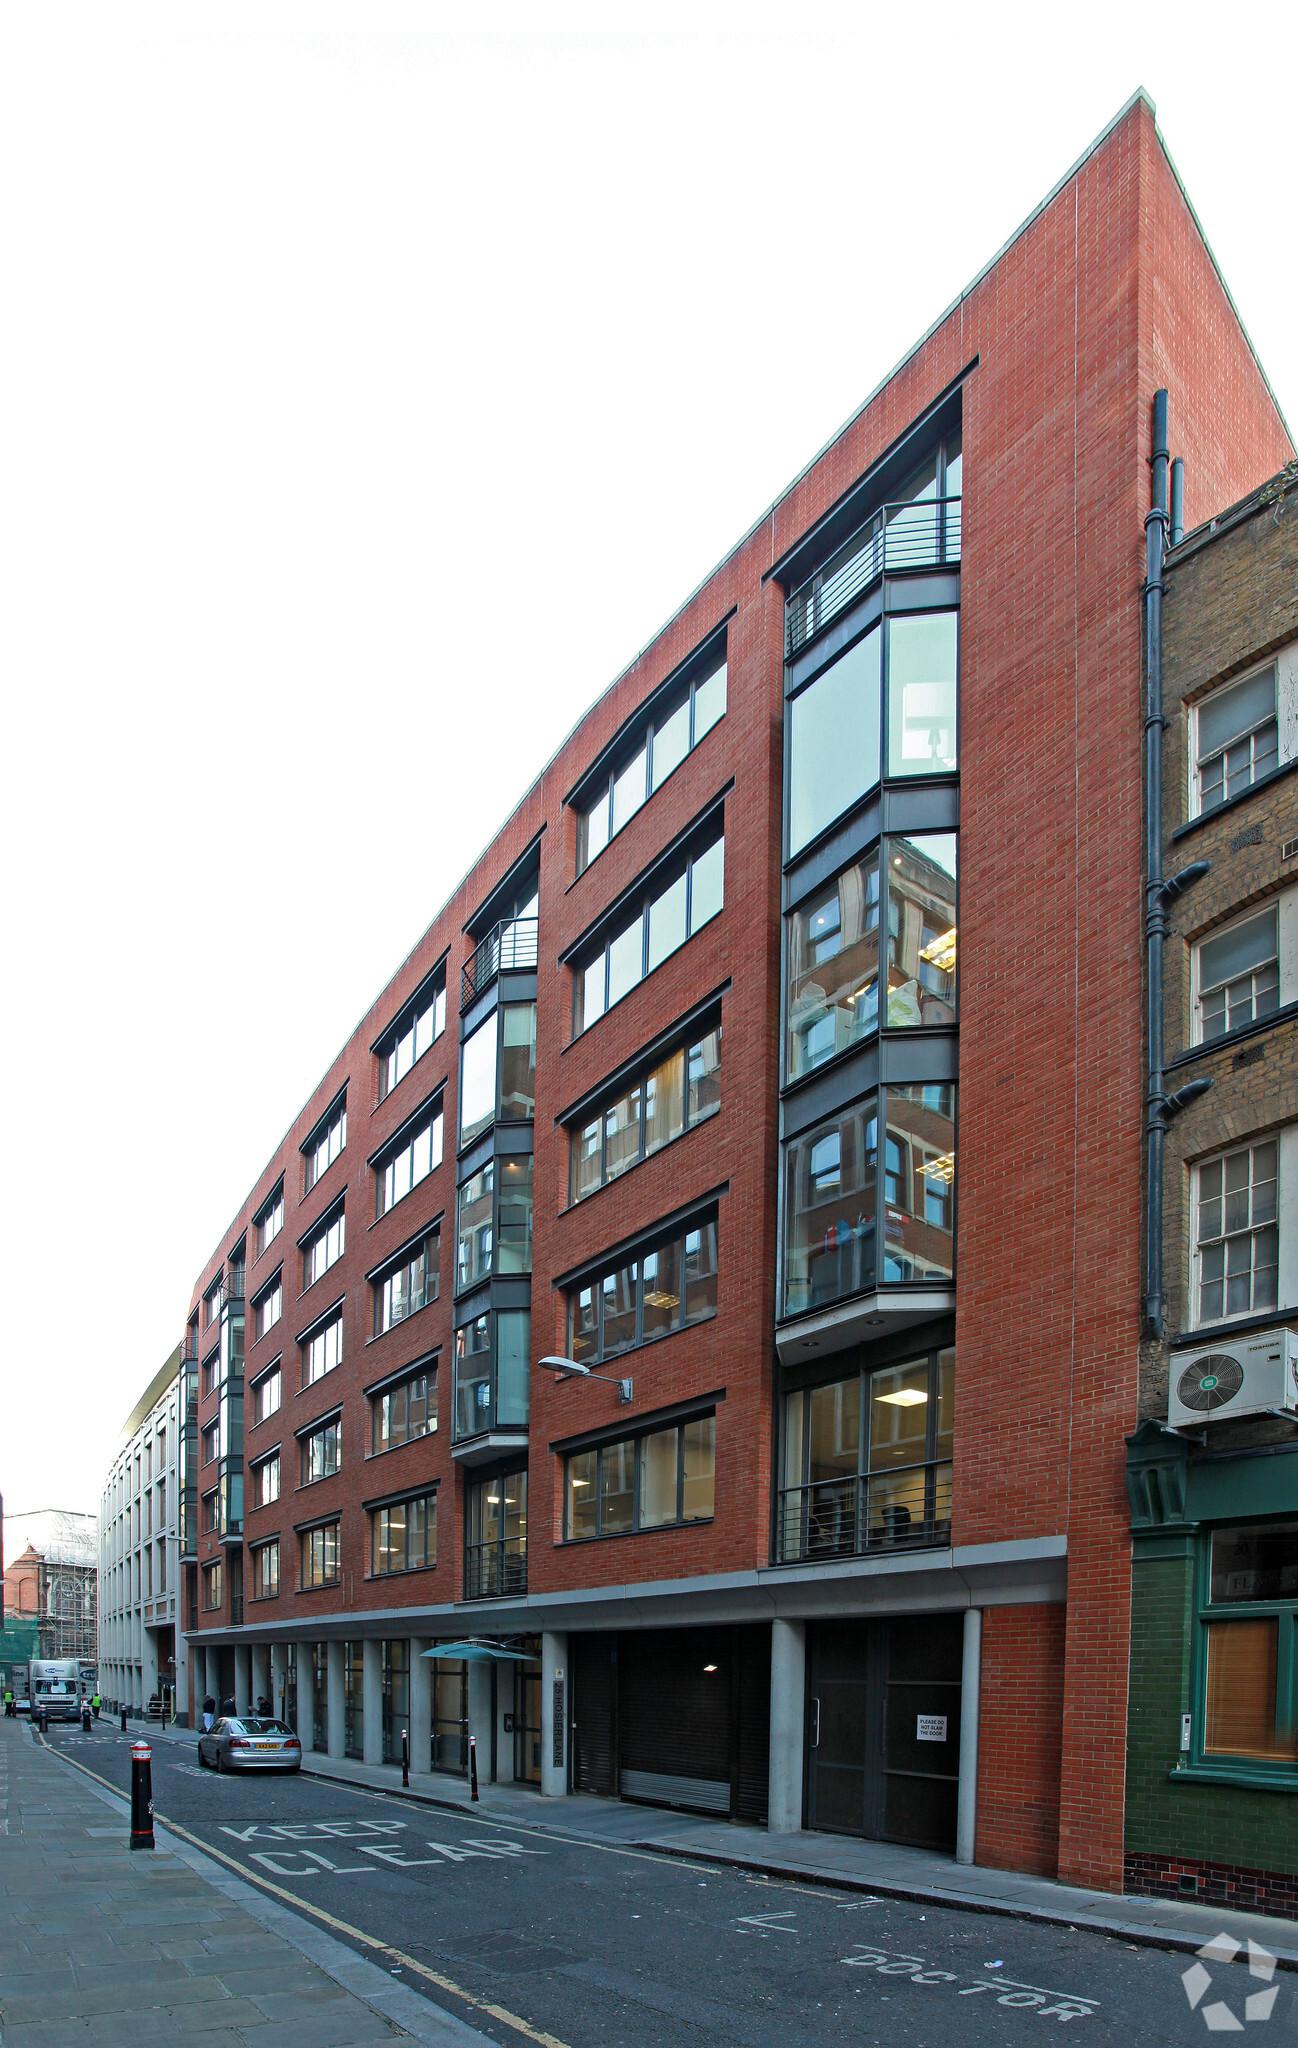 Photo of 25 Hosier Lane